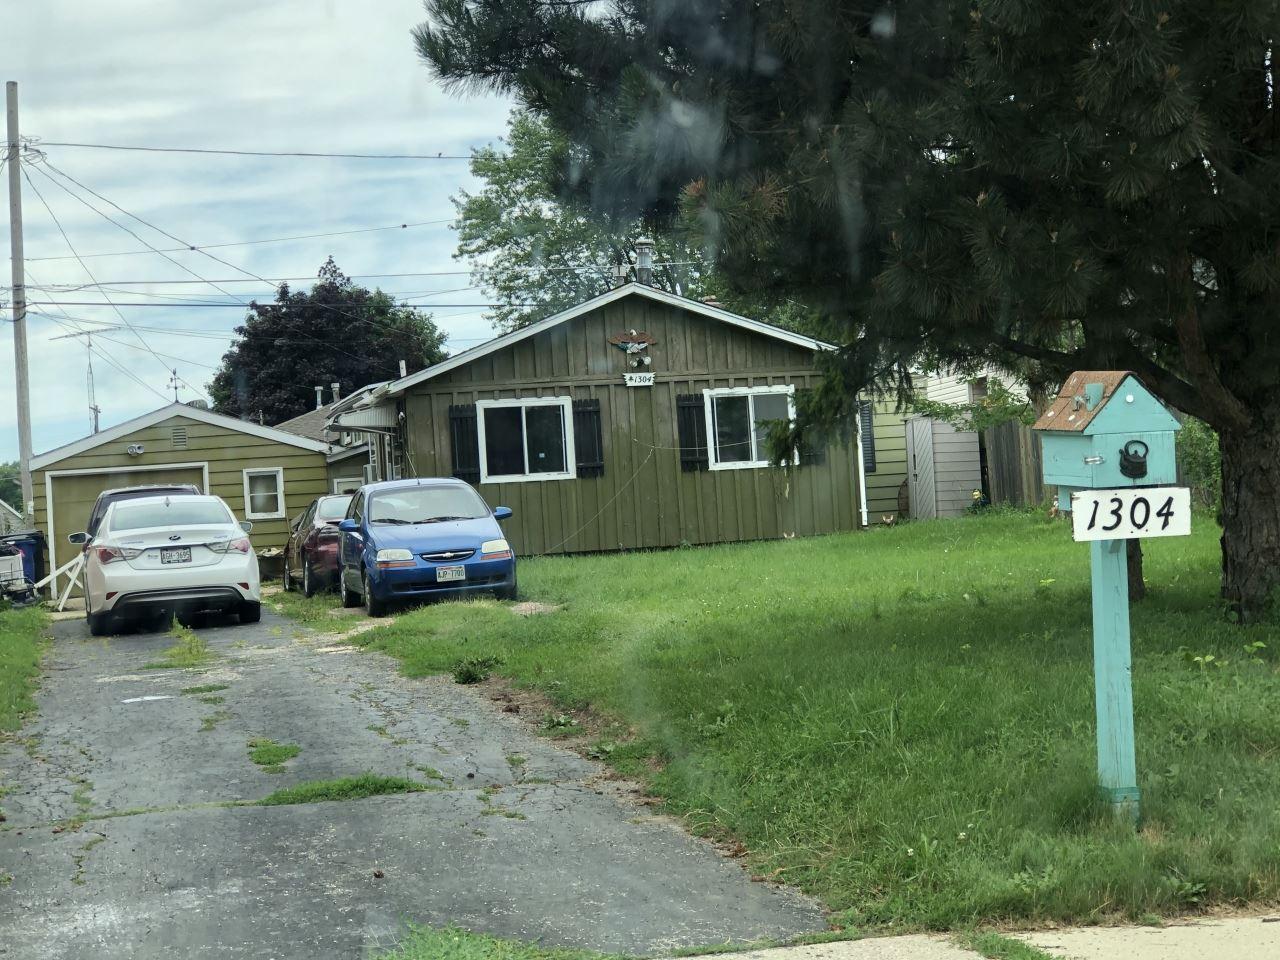 1304 Oregon St, Racine, WI 53405 - #: 1702823